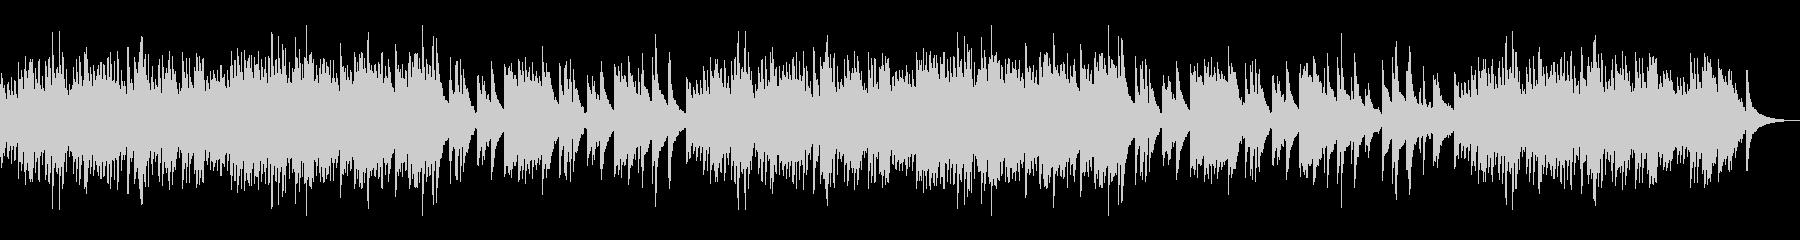 懐かしく切ない印象の和風ピアノソロBGMの未再生の波形